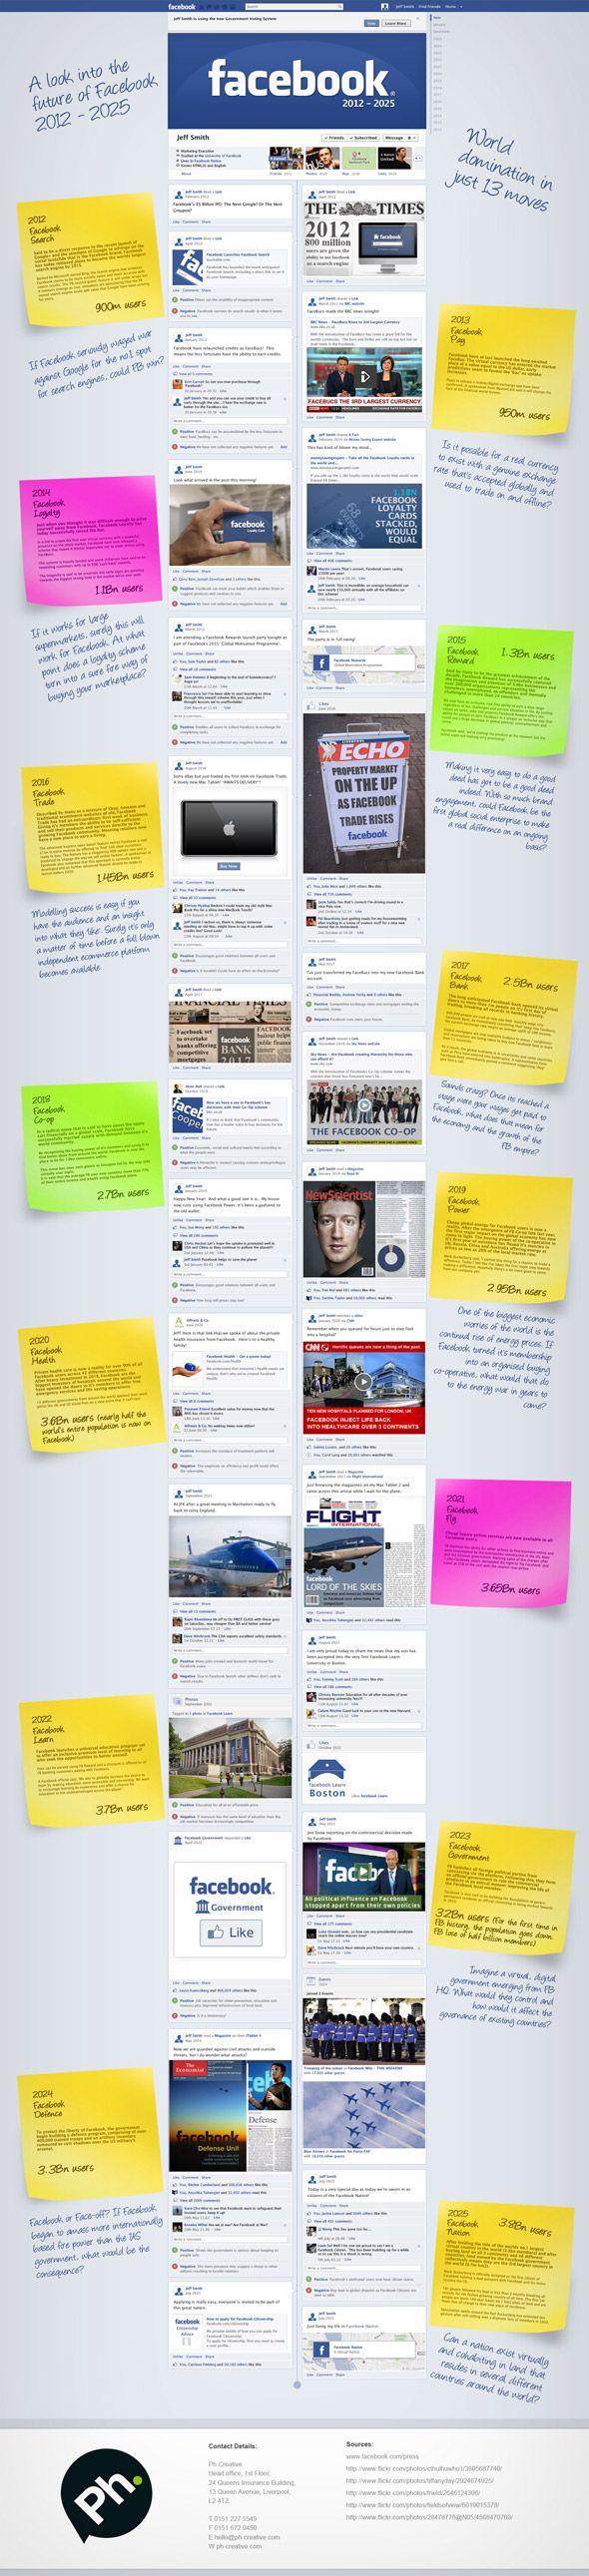 FB's future, 2012-2025